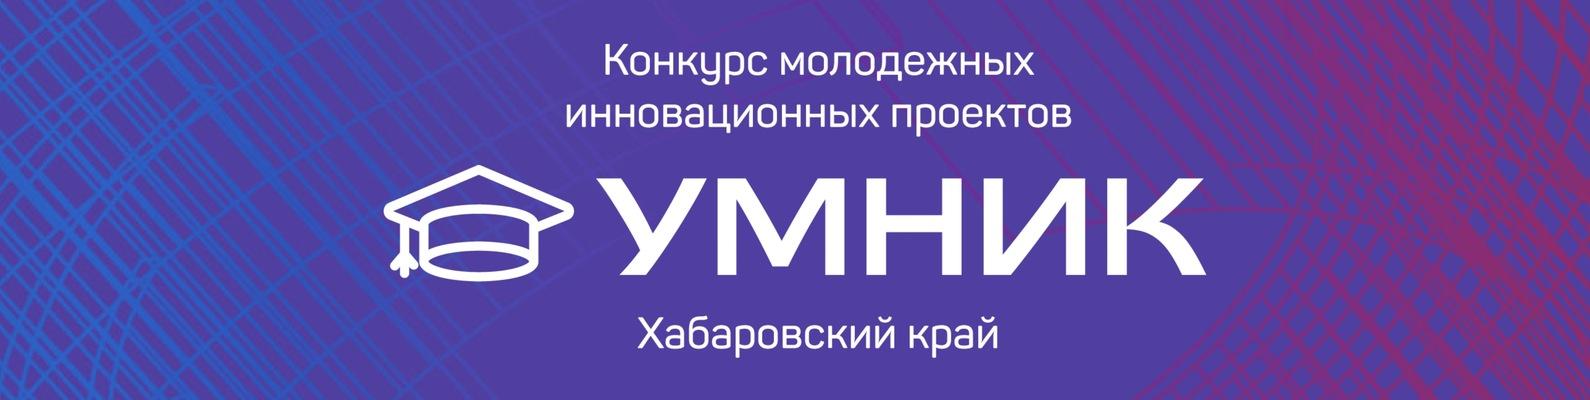 КОНКУРС УМНИК-2020 В ХАБАРОВСКОМ КРАЕ